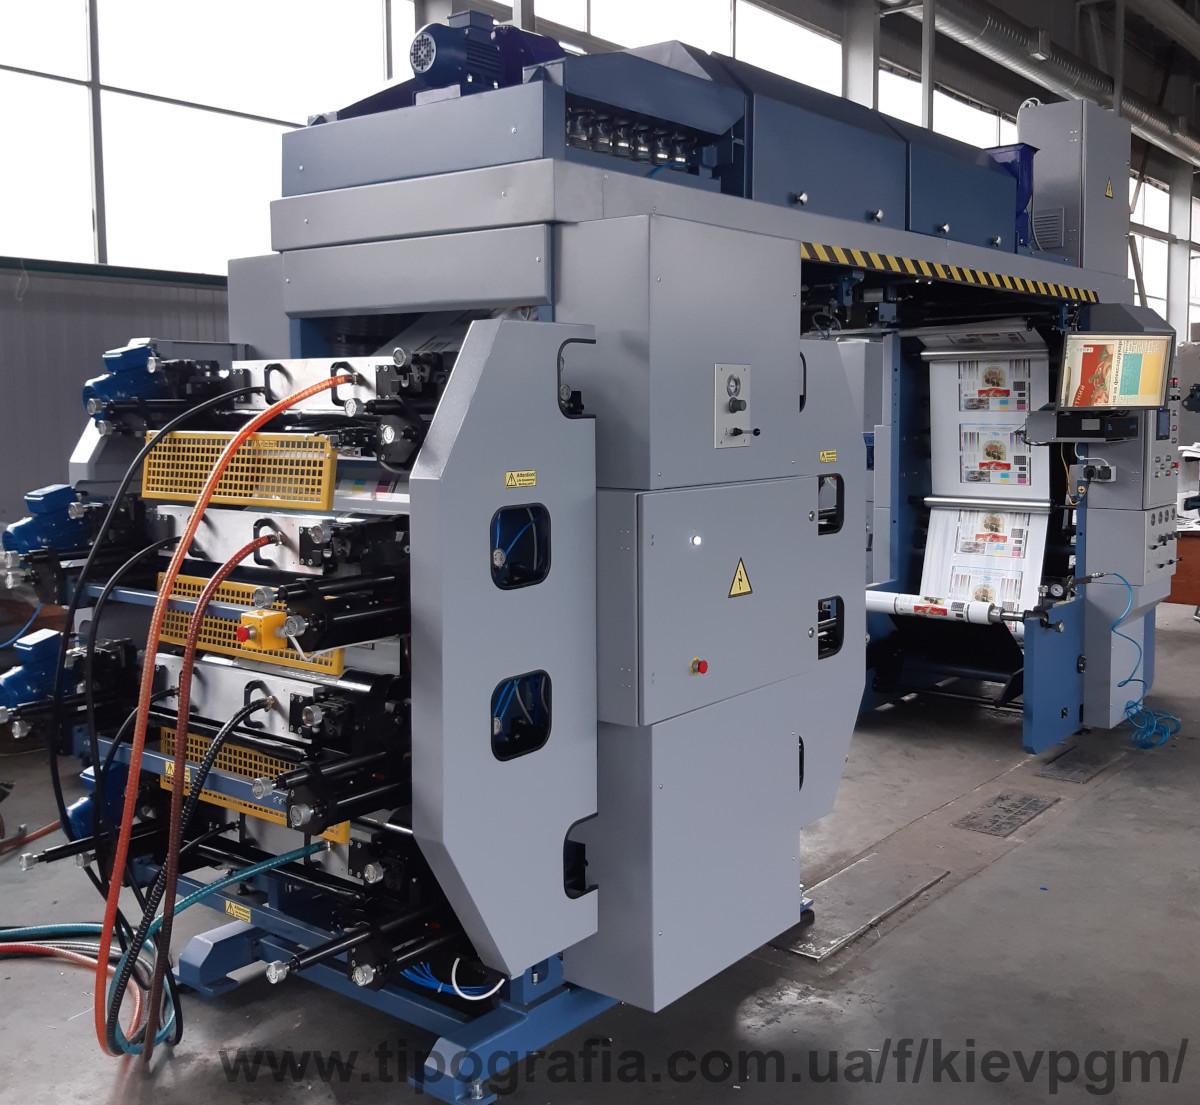 Киевполиграфмаш завершил инсталляцию новой флексопечатные машины